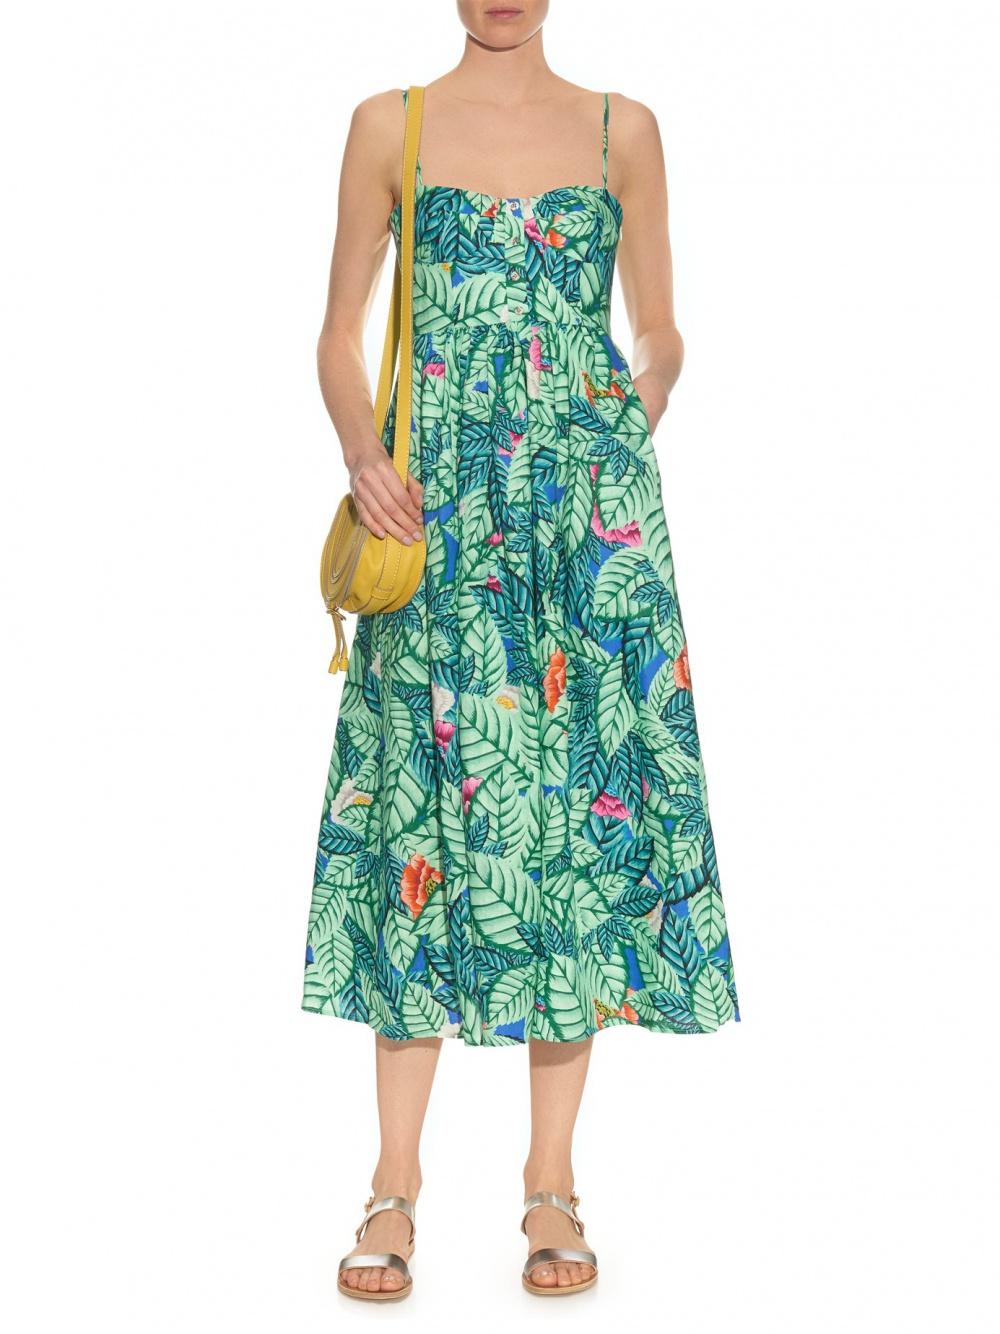 Платье Mara Hoffman из последней коллекции новое с биркой,р. 46-48